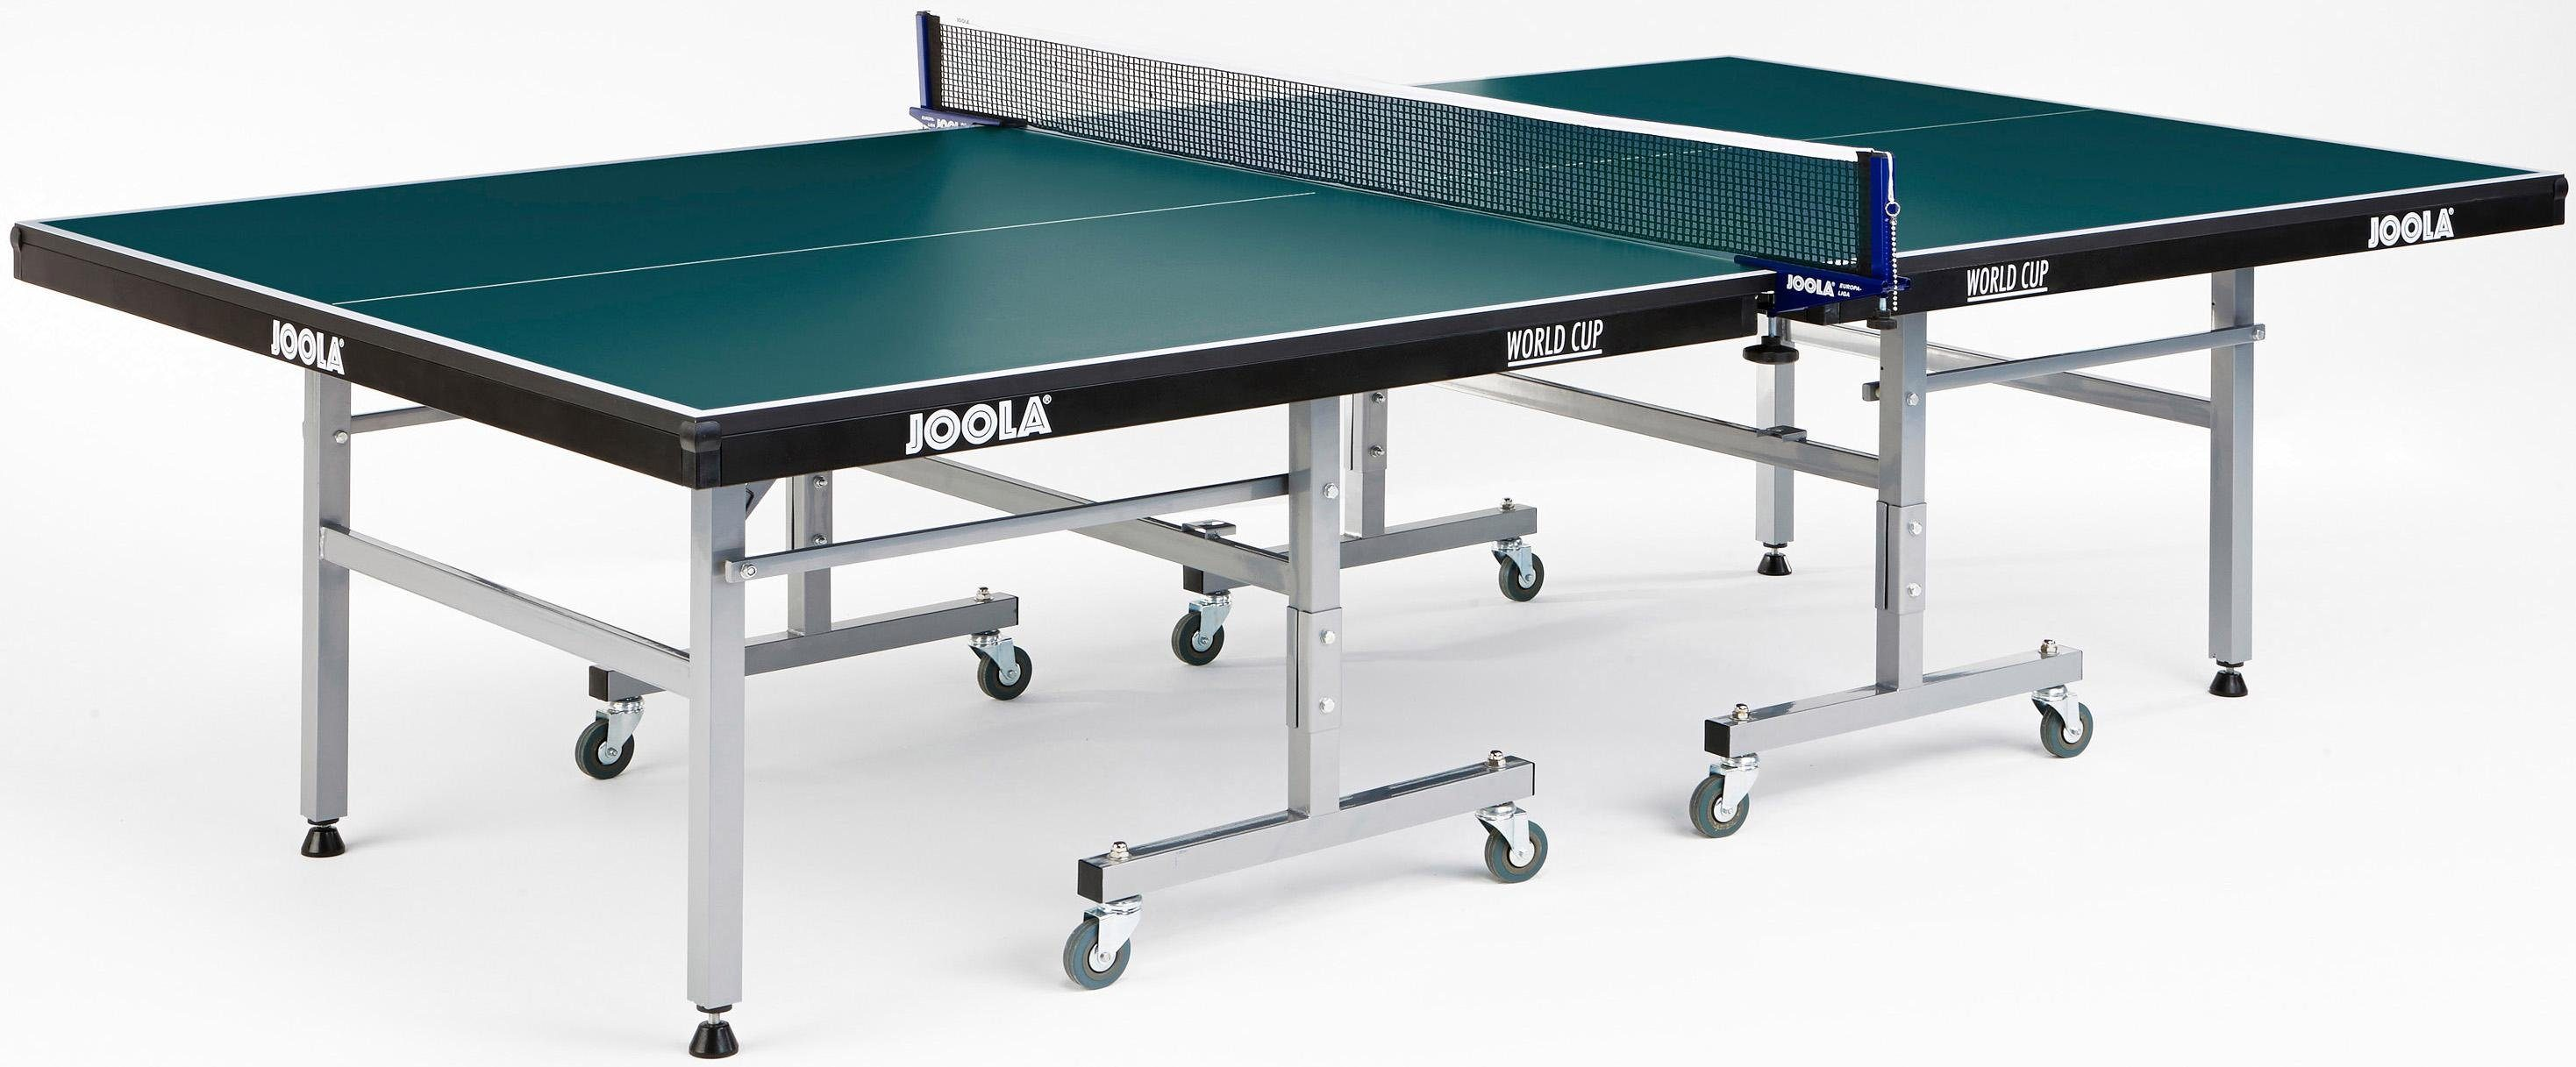 Joola, Tischtennisplatte, JOOLA Indoor-Tischtennisplatte World Cup grün Tischtennisplatten Spieltische Sportausrüstung Accessoires